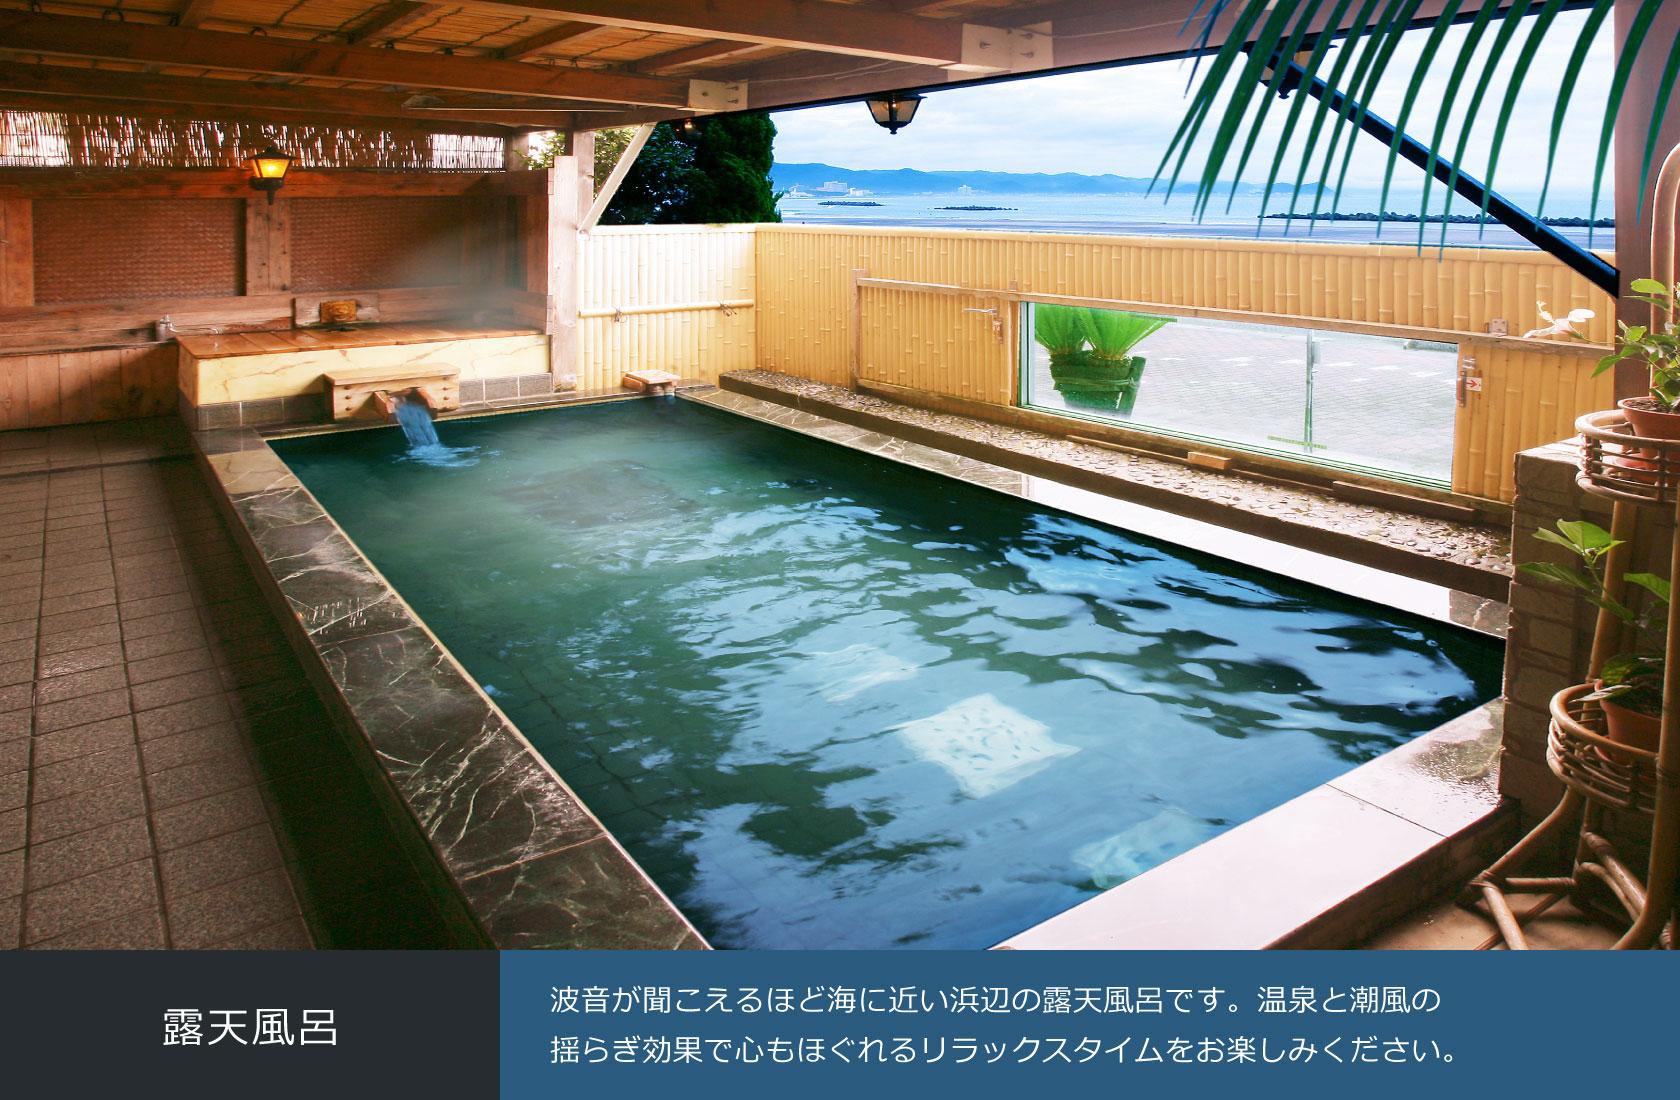 露天風呂 波音が聞こえるほど海に近い浜辺の露天風呂です。温泉と潮風の               揺らぎ効果で心もほぐれるリラックスタイムをお楽しみください。